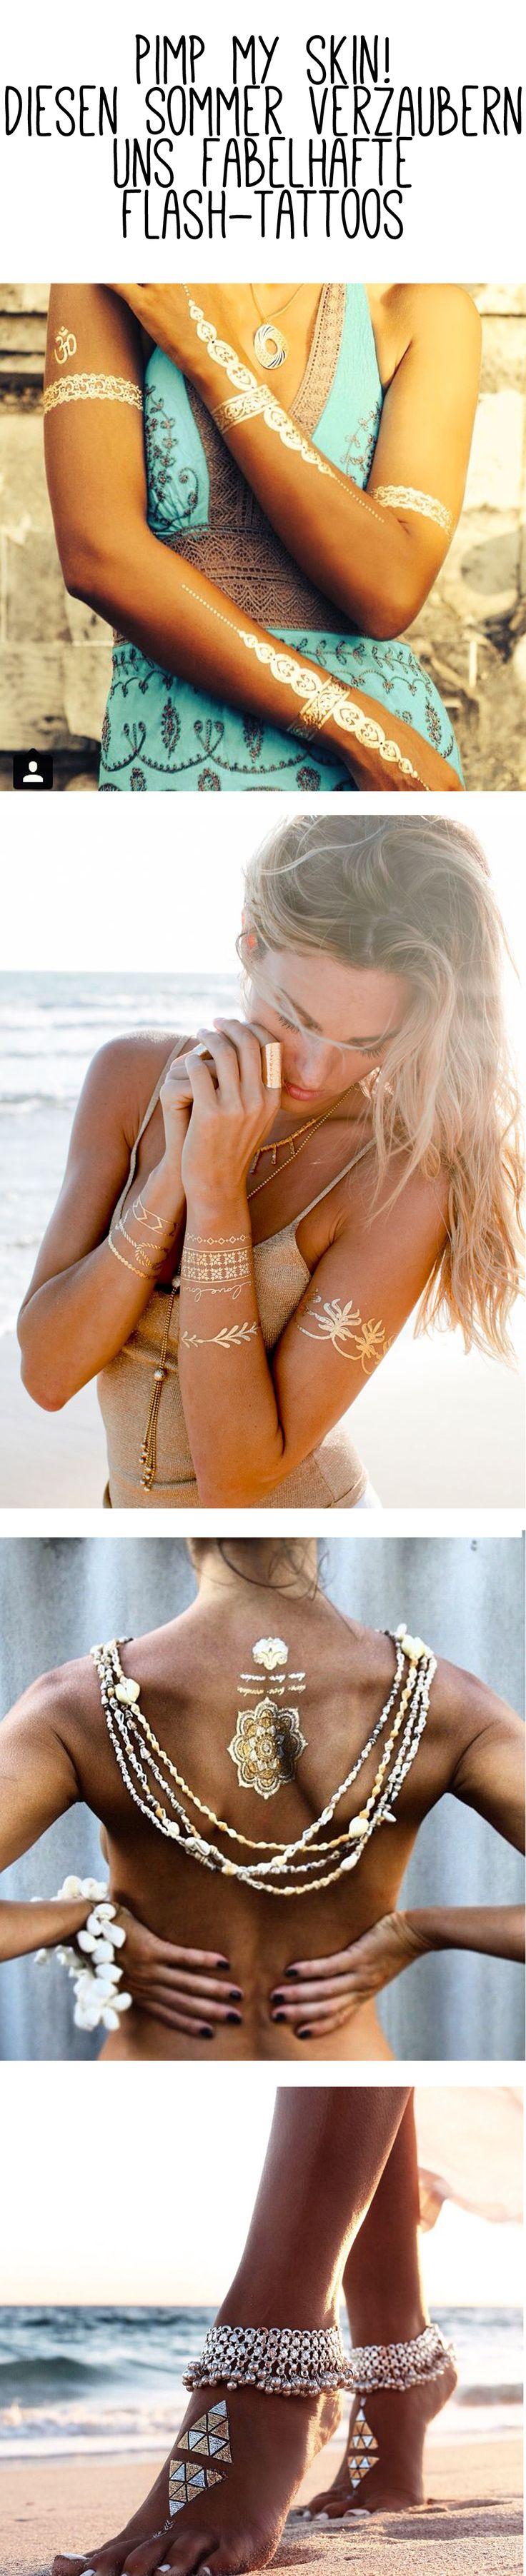 In diesem Sommer schimmert nicht nur unser Schmuck in Gold und Silber, sondern auch unsere Haut. Passend zum Boho-Look sind funkelnde Flash-Tattoos DAS Beauty-Must-Have 2015! Jetzt auf gofeminin.de #gofeminin #beauty #flashtattoos #summer #summerfeeling #beautyessential #jewelry #tattoo